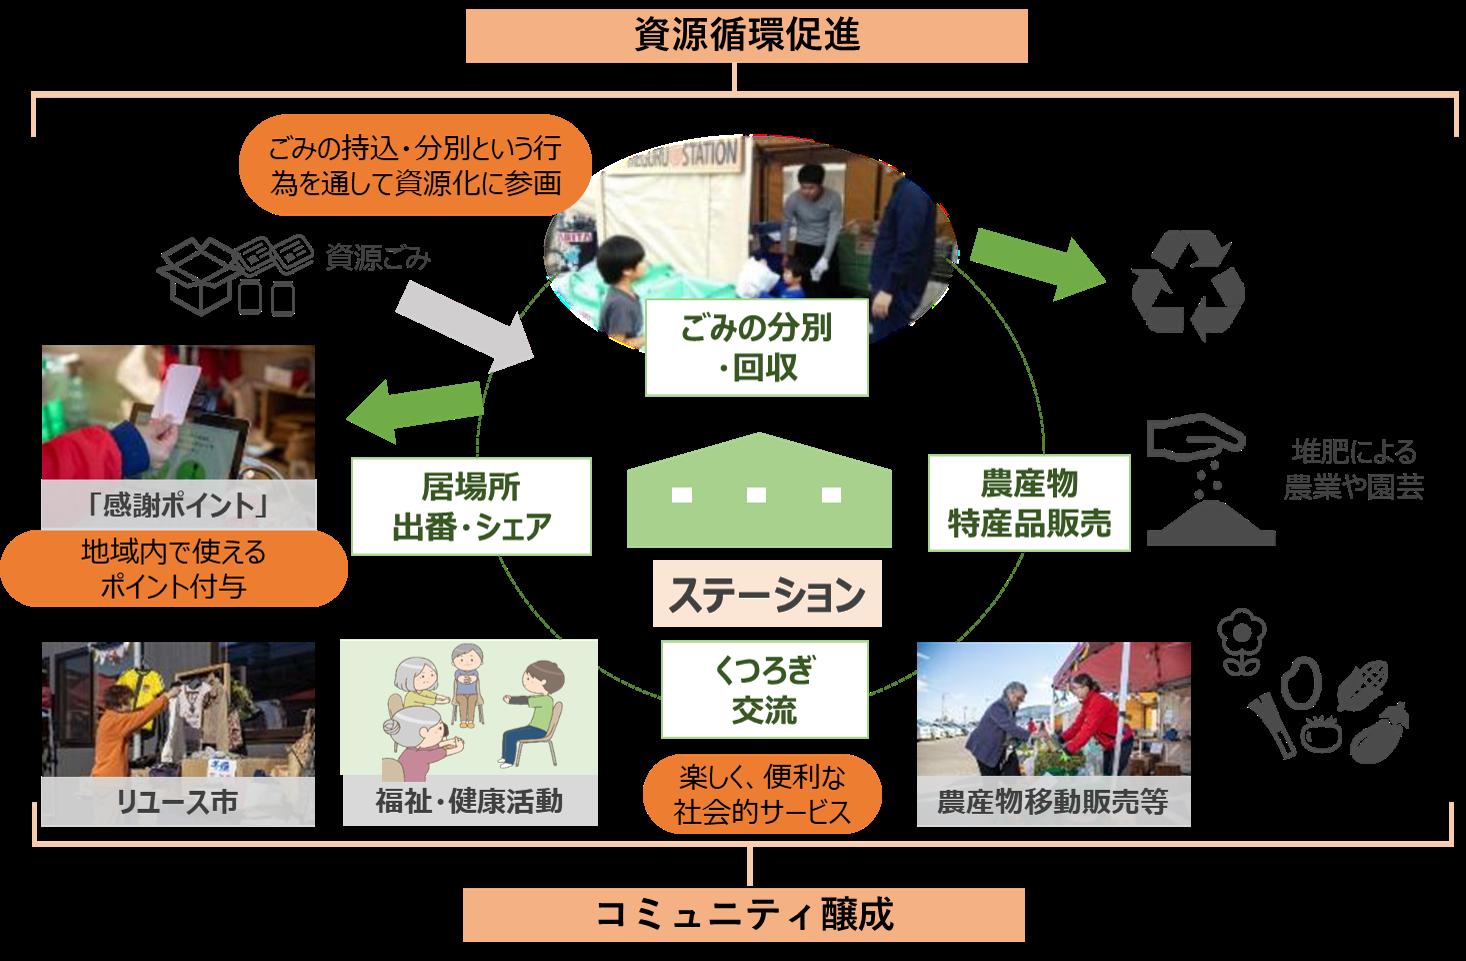 アミタ(株)、NECソリューションイノベータ(株)は、12/20より、奈良県生駒市にて「日常の『ごみ出し』を活用した地域コミュニティ向上モデル事業」の実証実験を共同で開始します。